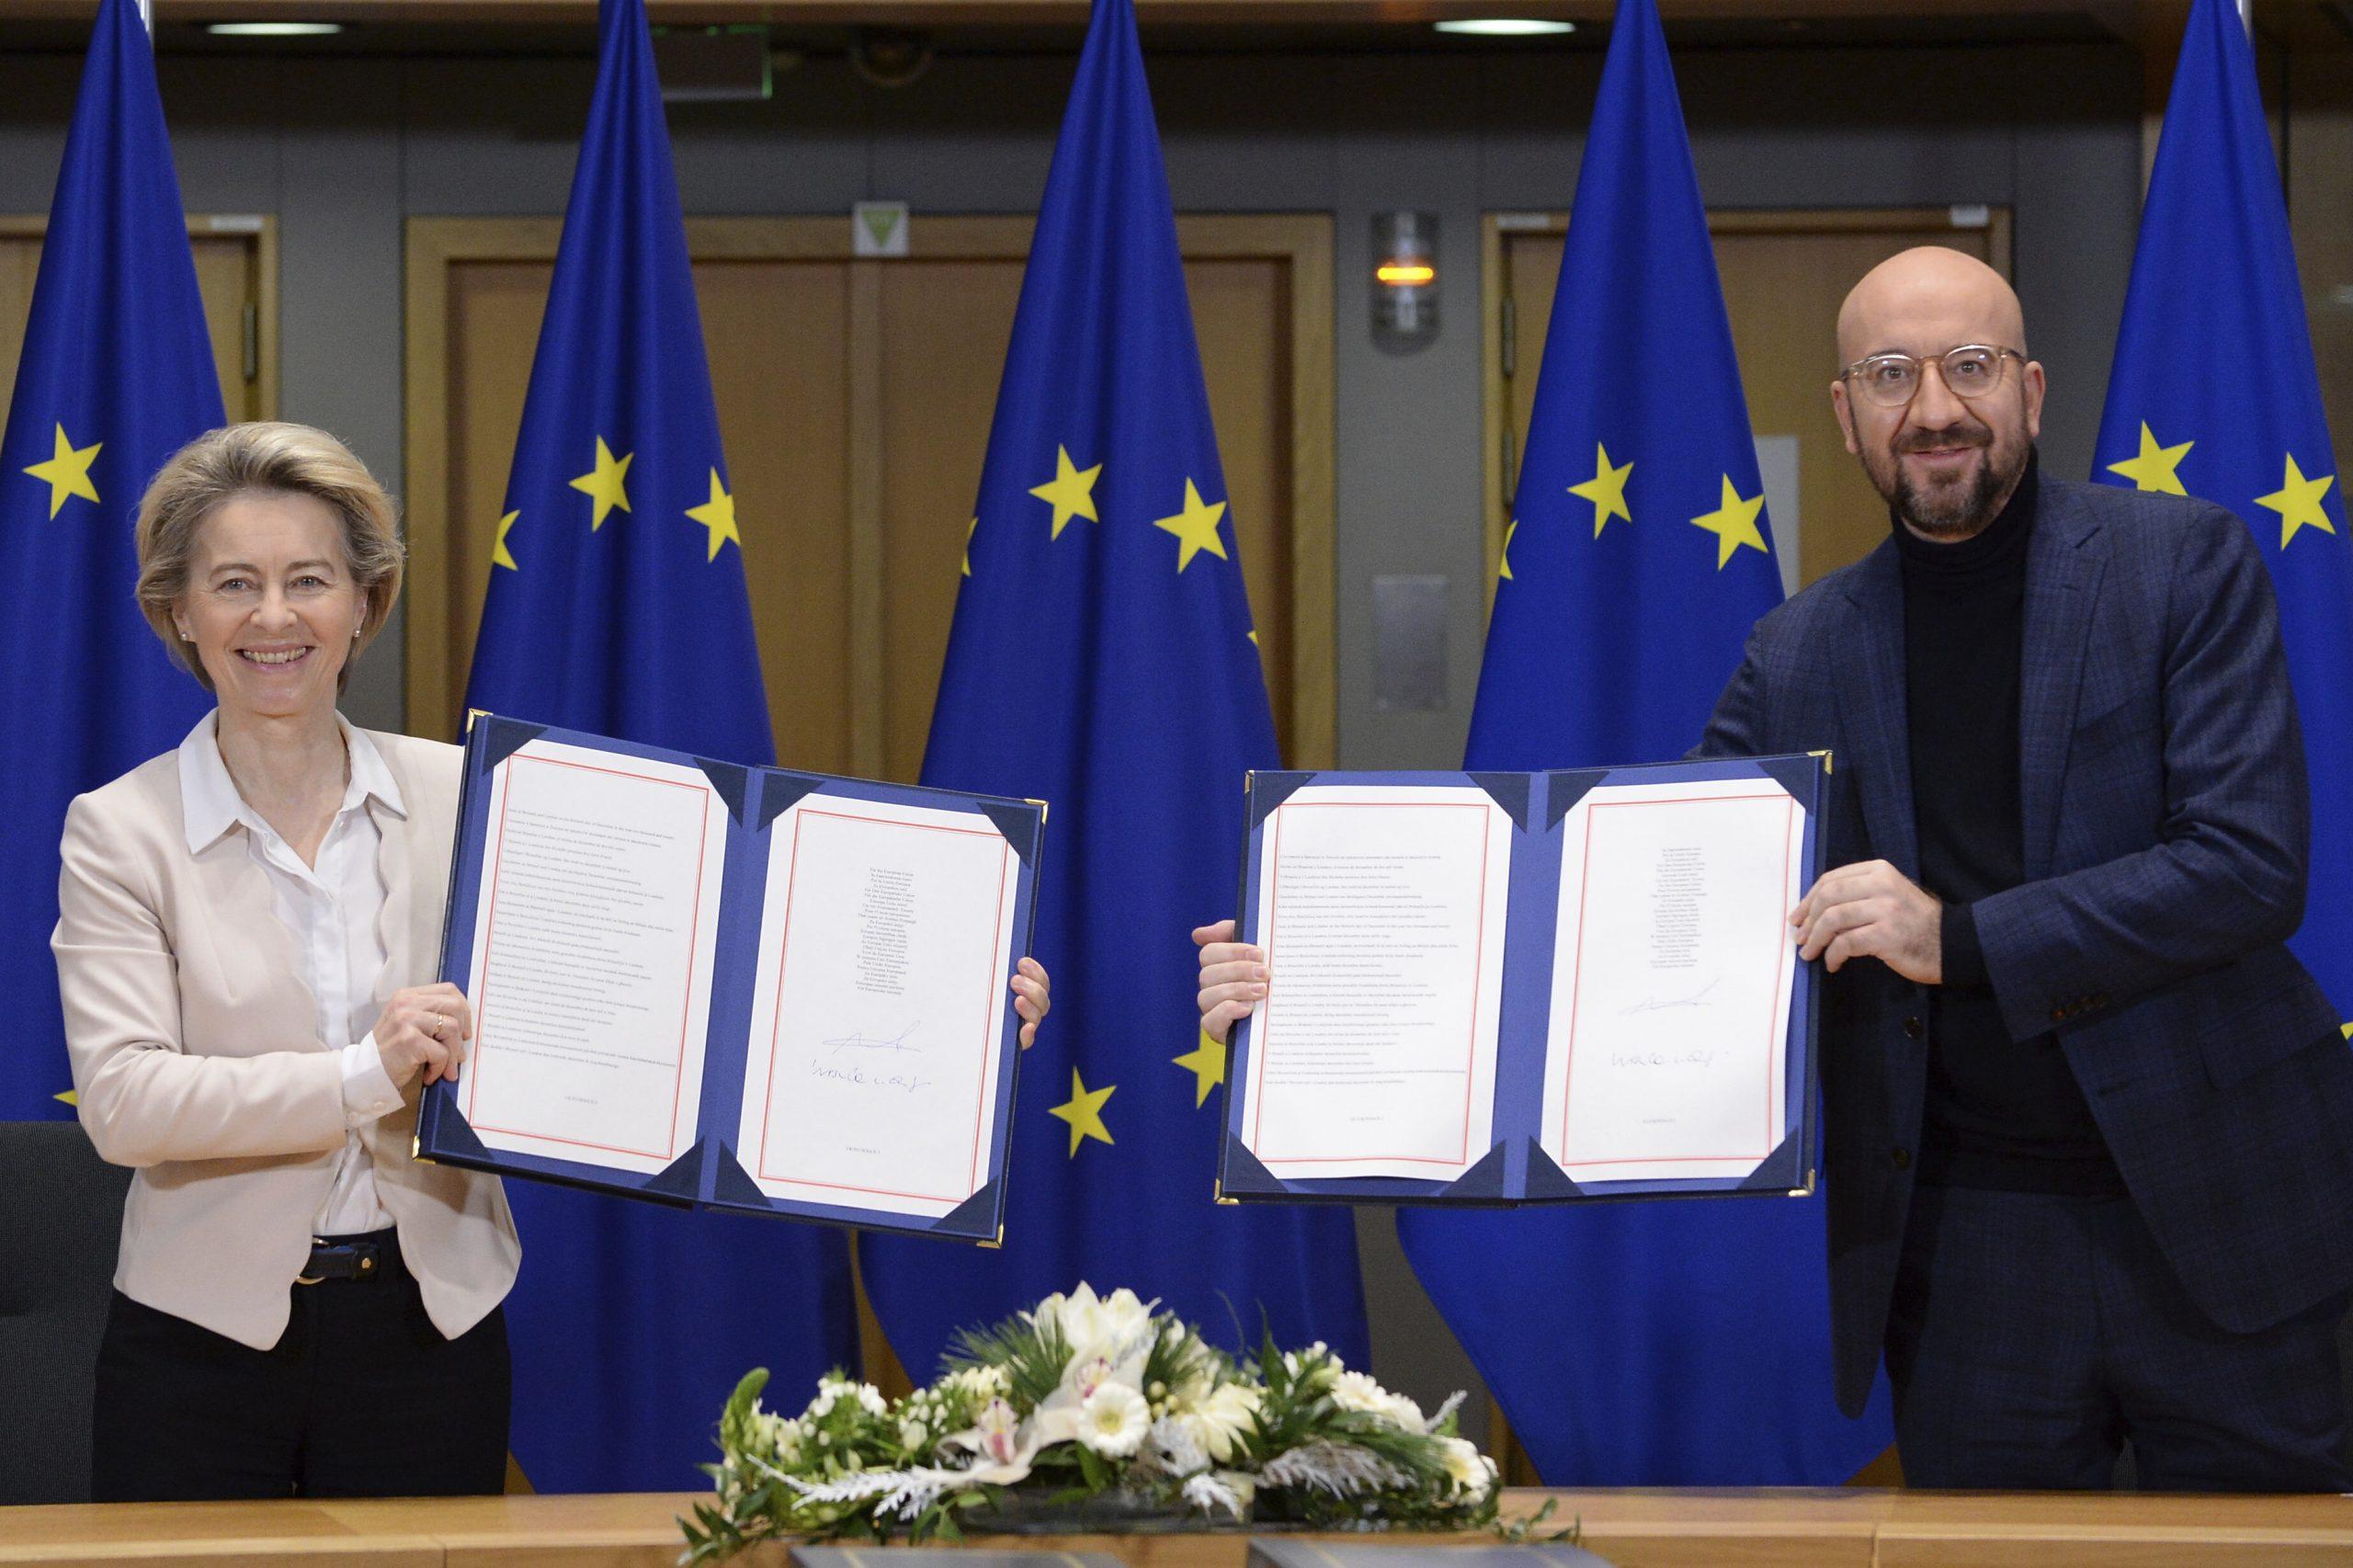 Zvaničnici EU potpisali post-Bregzit trgovinski sporazum sa Velikom Britanijom 1